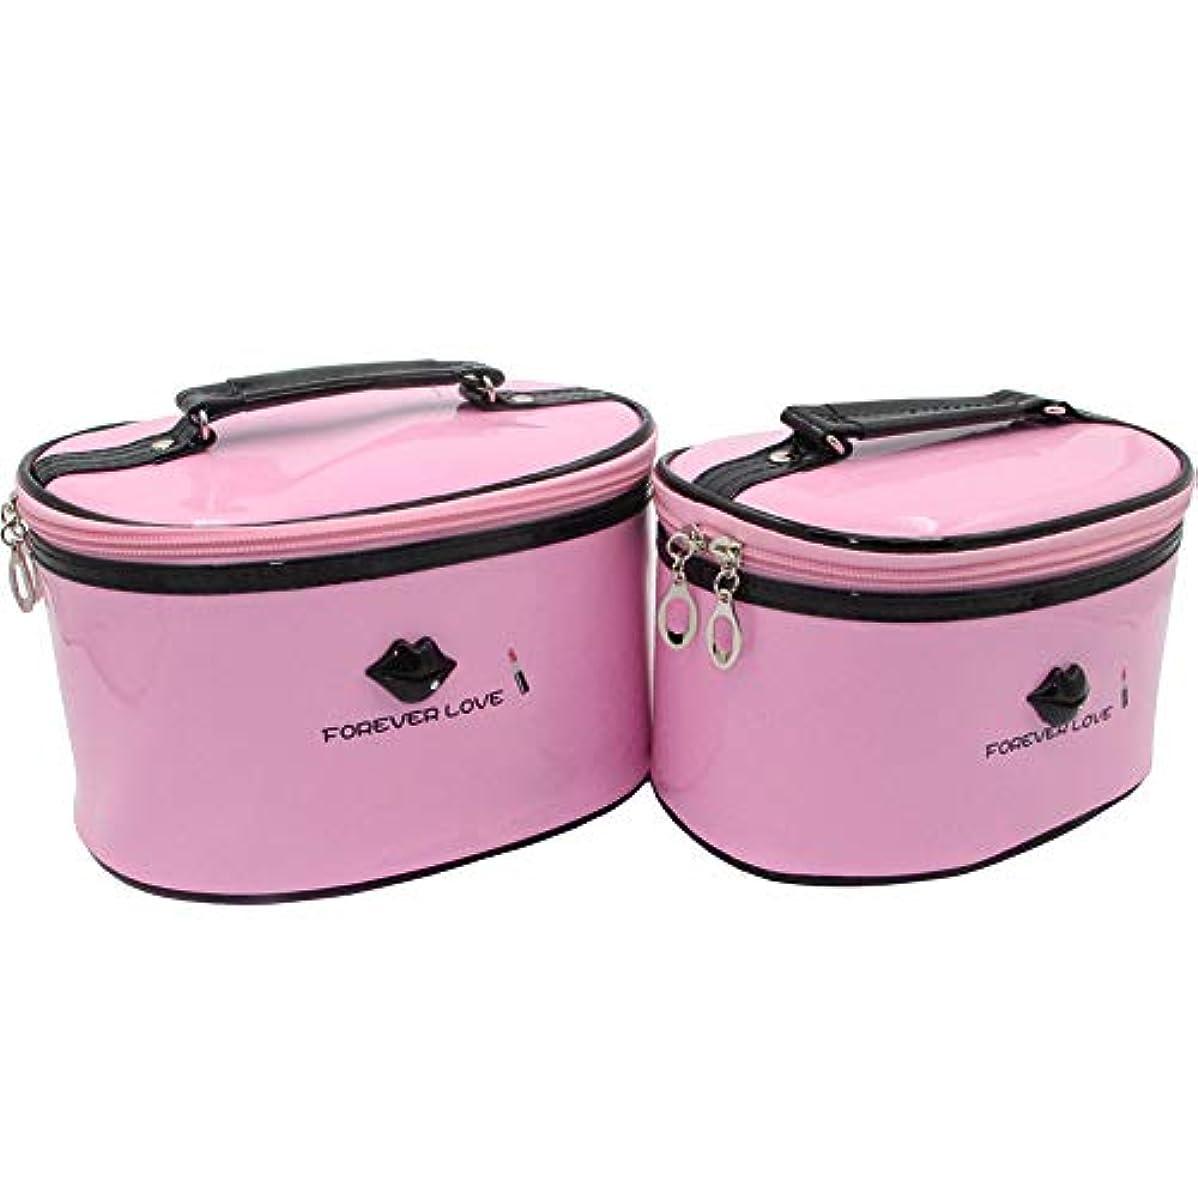 製油所ビンおもちゃHOYOFO 化粧ポーチ メイクボックス 大容量 おしゃれ バニティ エナメル 化粧品 コスメ収納 ブラシ入れ 防水 旅行 2点セット ピンク